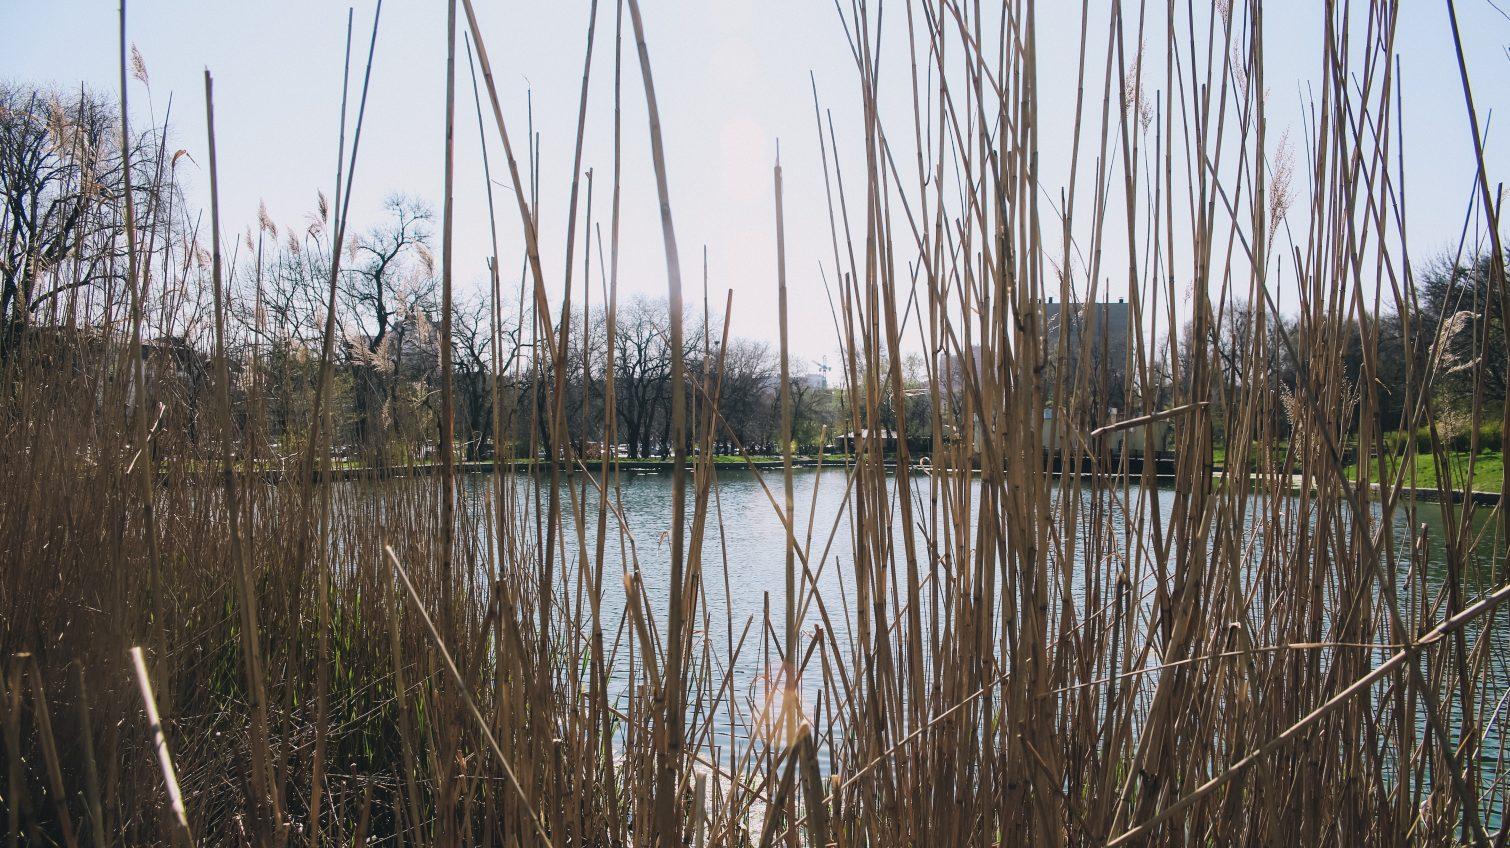 Спустя 10 лет: арендатор Дюковского парка согласился улучшить зеленую зону «фото»